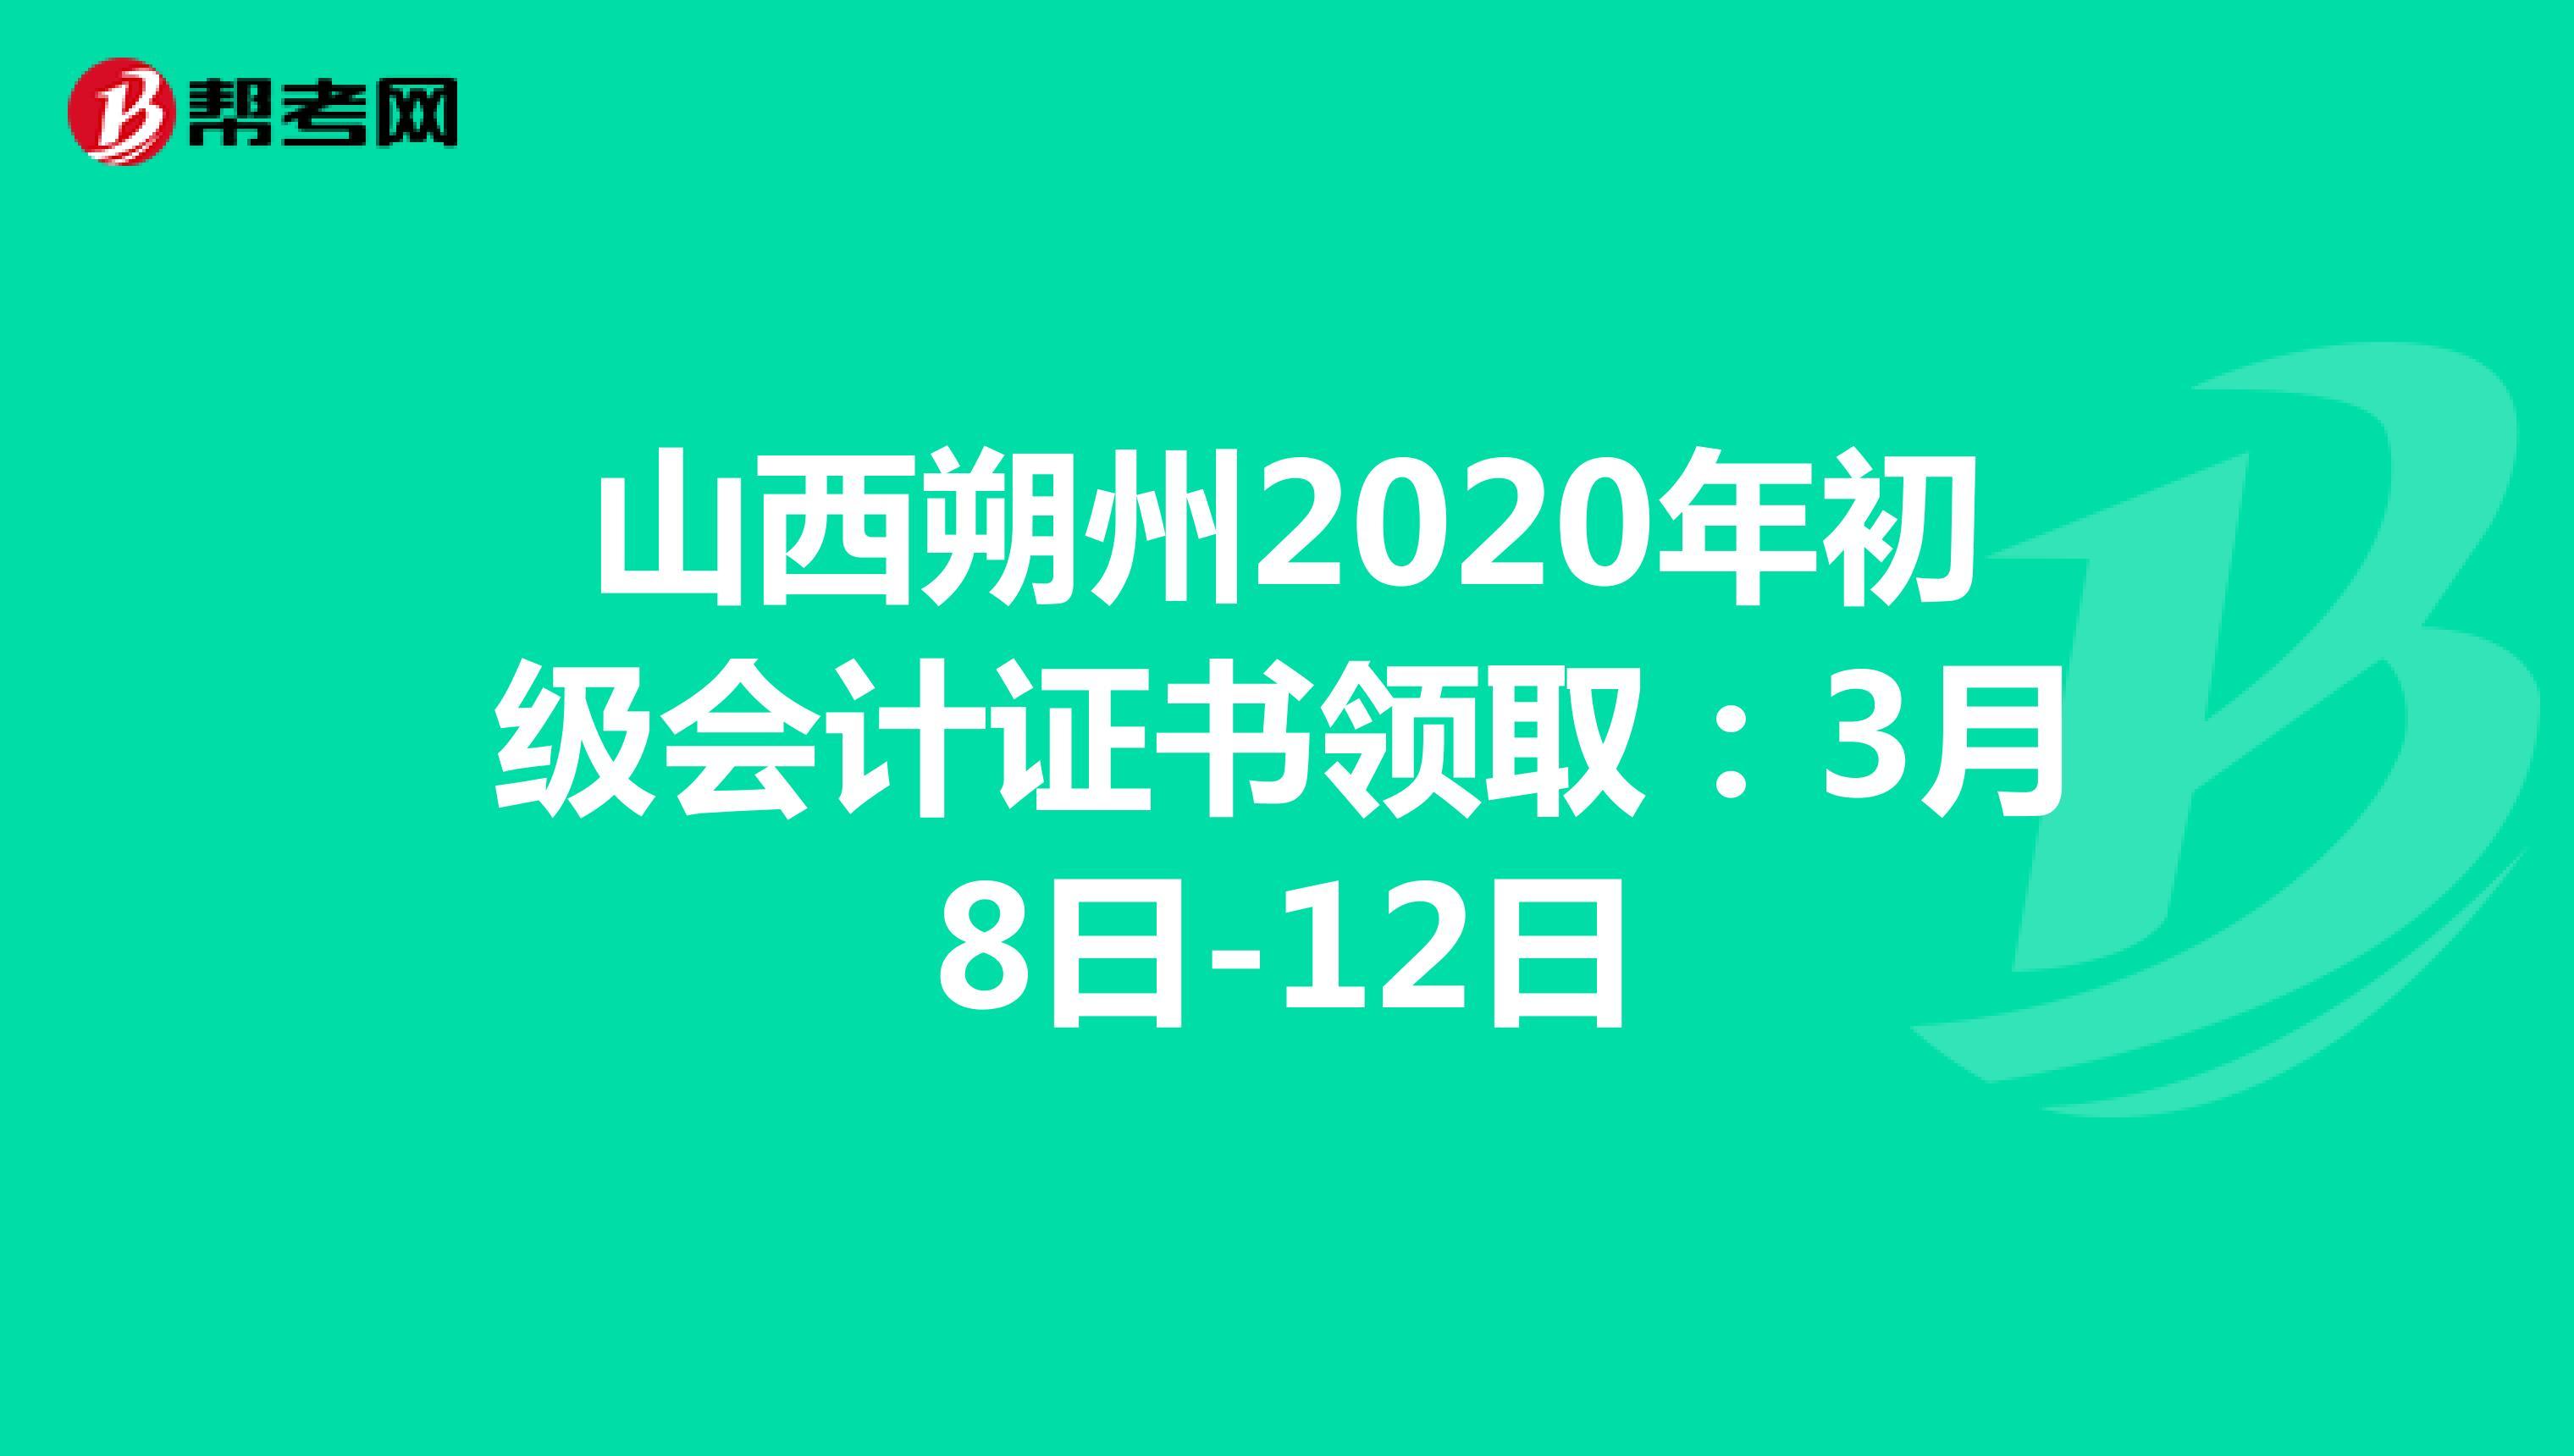 山西朔州2020年初級會計證書領?。?月8日-12日